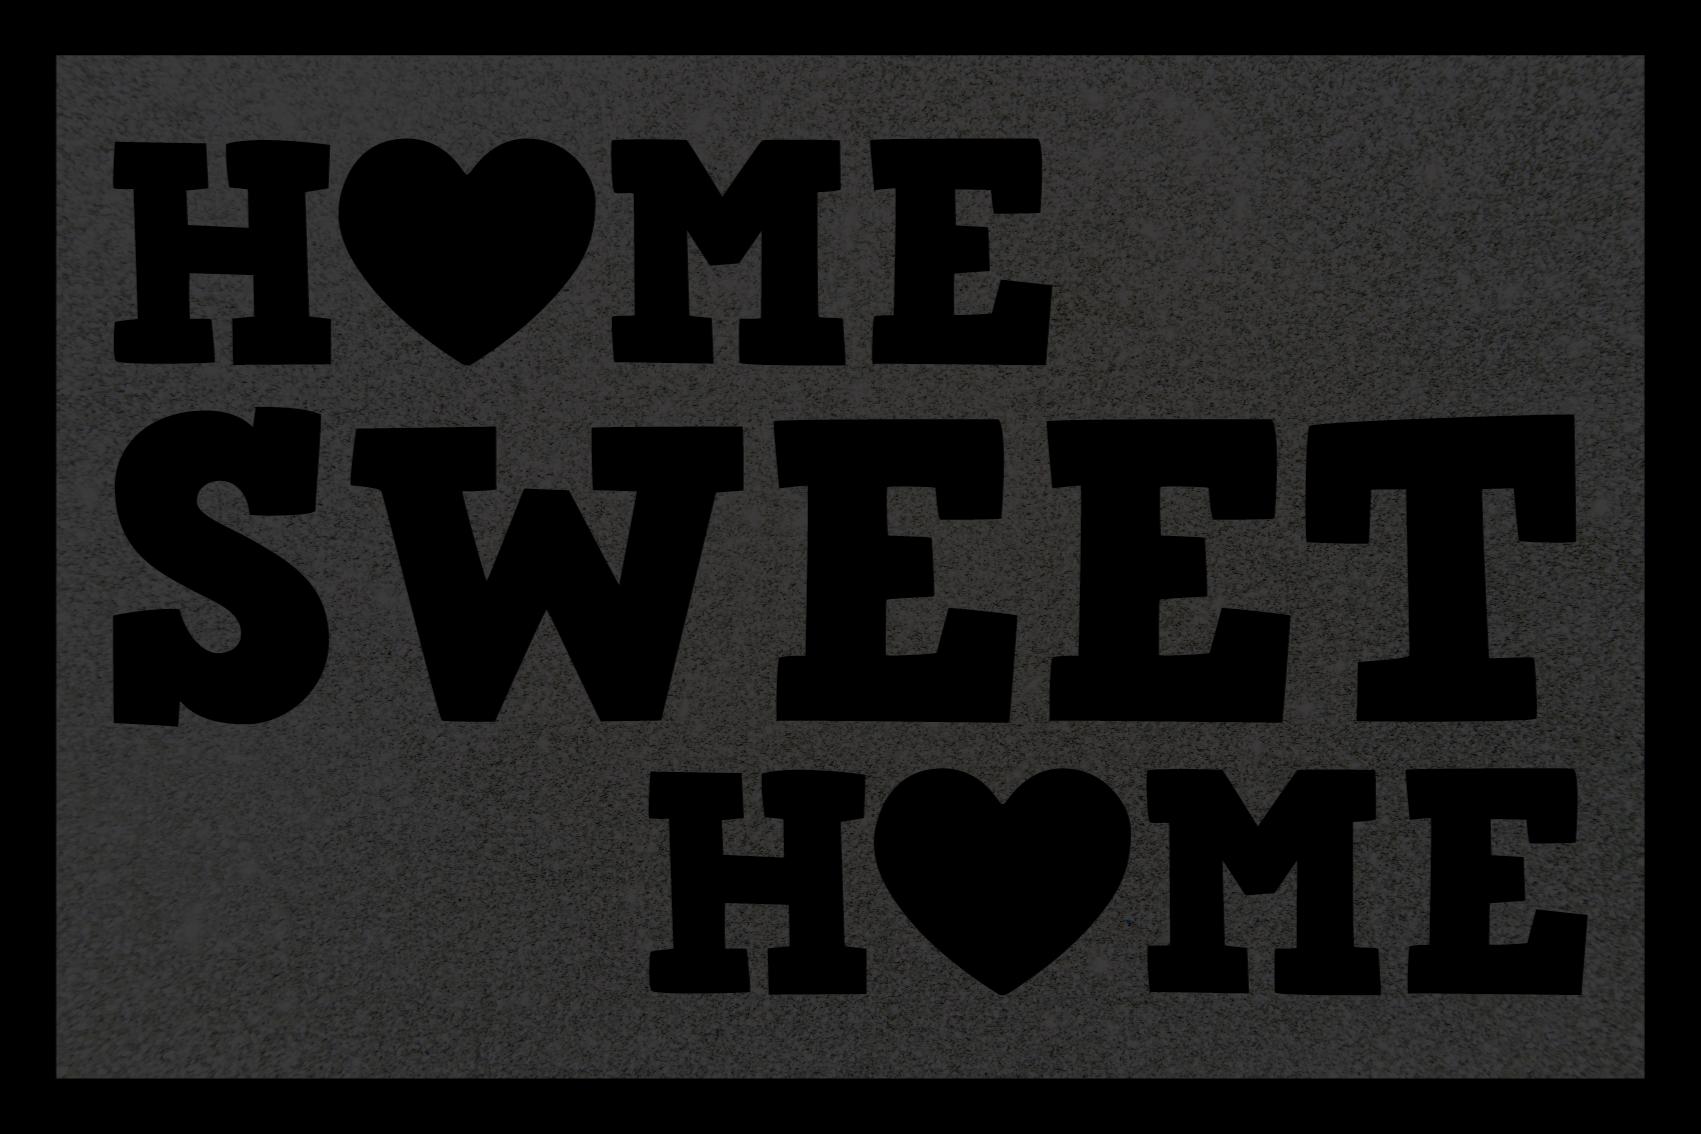 TenStickers. Lar doce lar com tapetes feitos sob medida. Este brilhante produtode tapete de vinil apresenta o texto 'lar doce lar' com o 'o' em casa alterado para um coração. Alta qualidade.